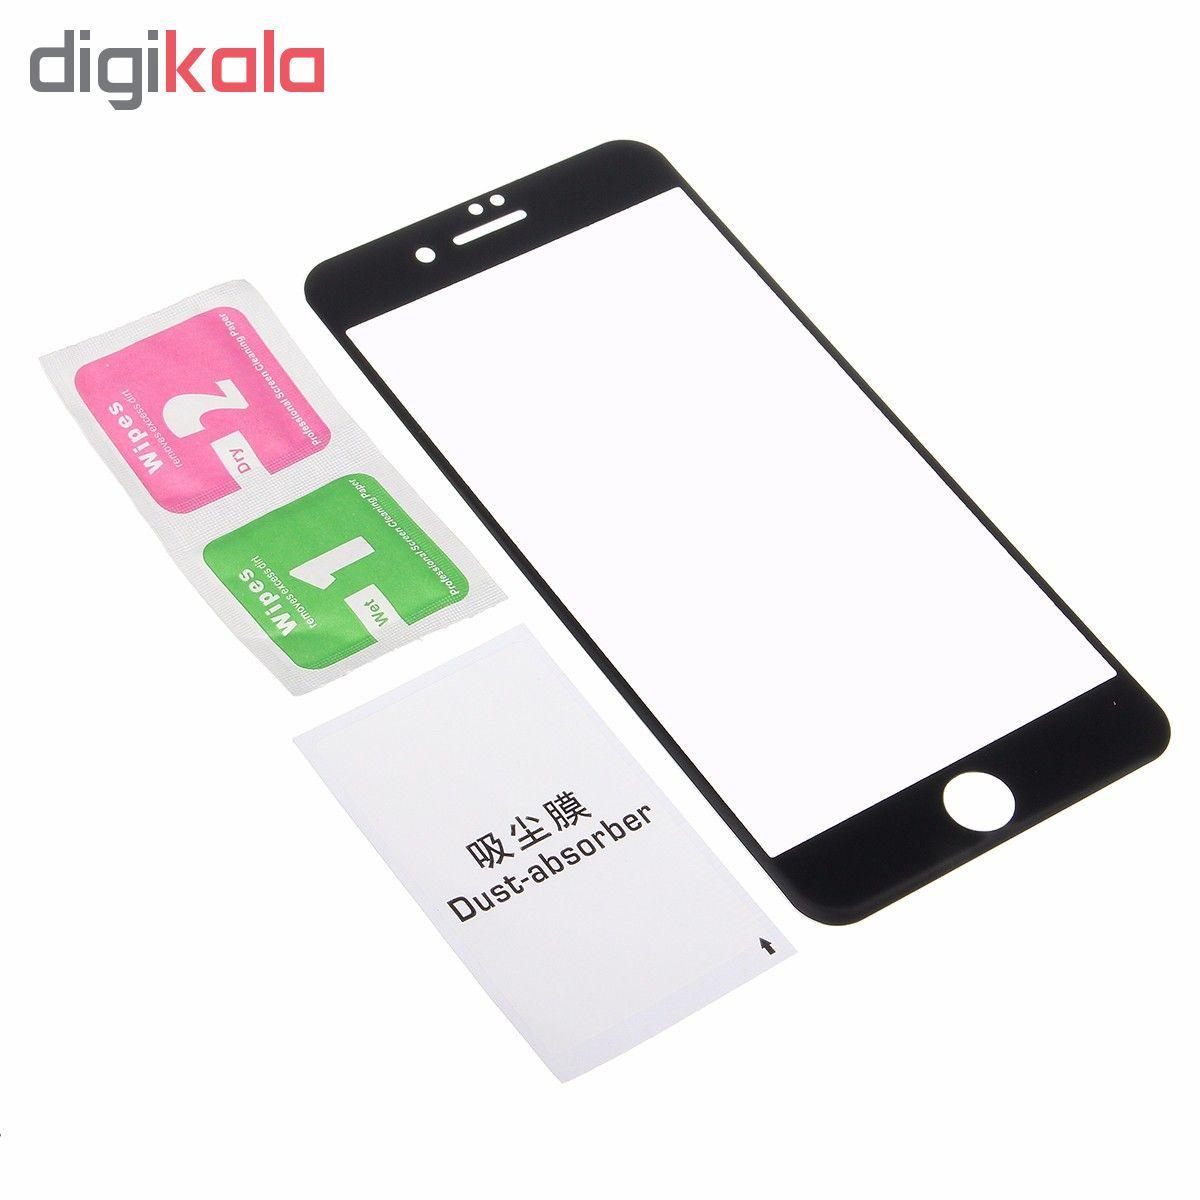 محافظ صفحه نمایش گلس مدل Soft PRO مناسب برای گوشی موبایل اپل آیفون 6/7/8 main 1 3